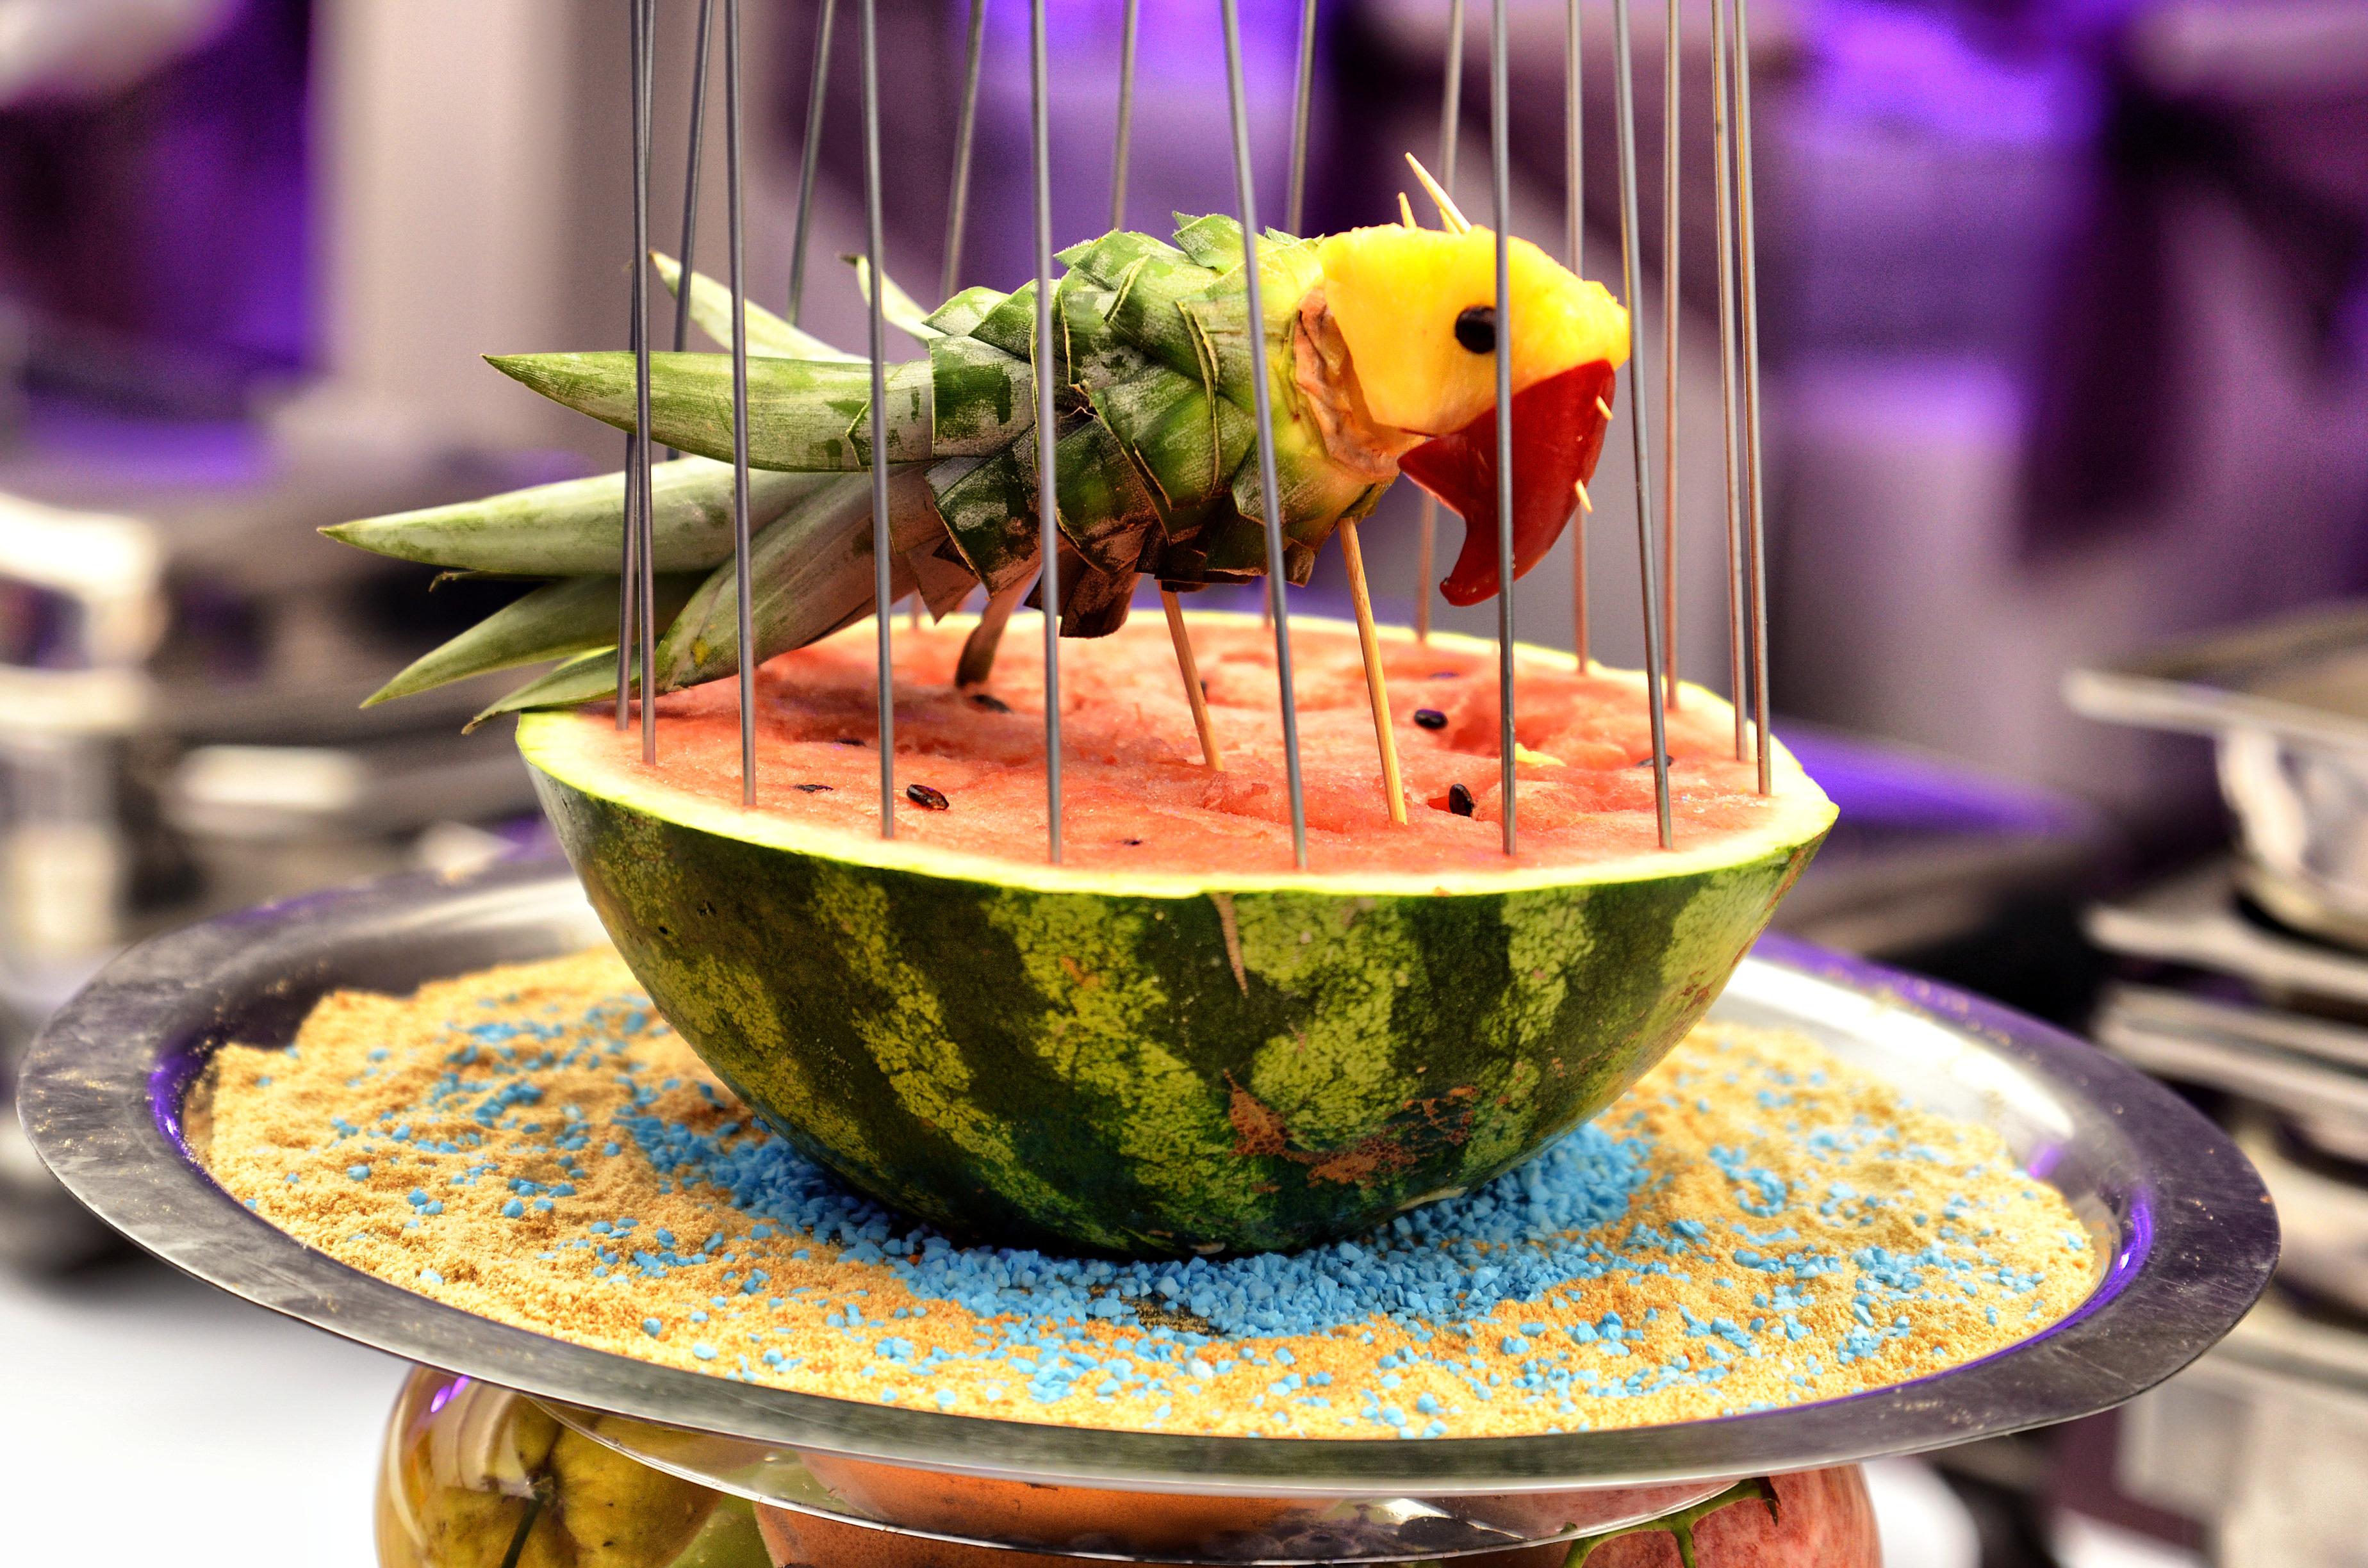 Hrana-dekoracije-2016-082